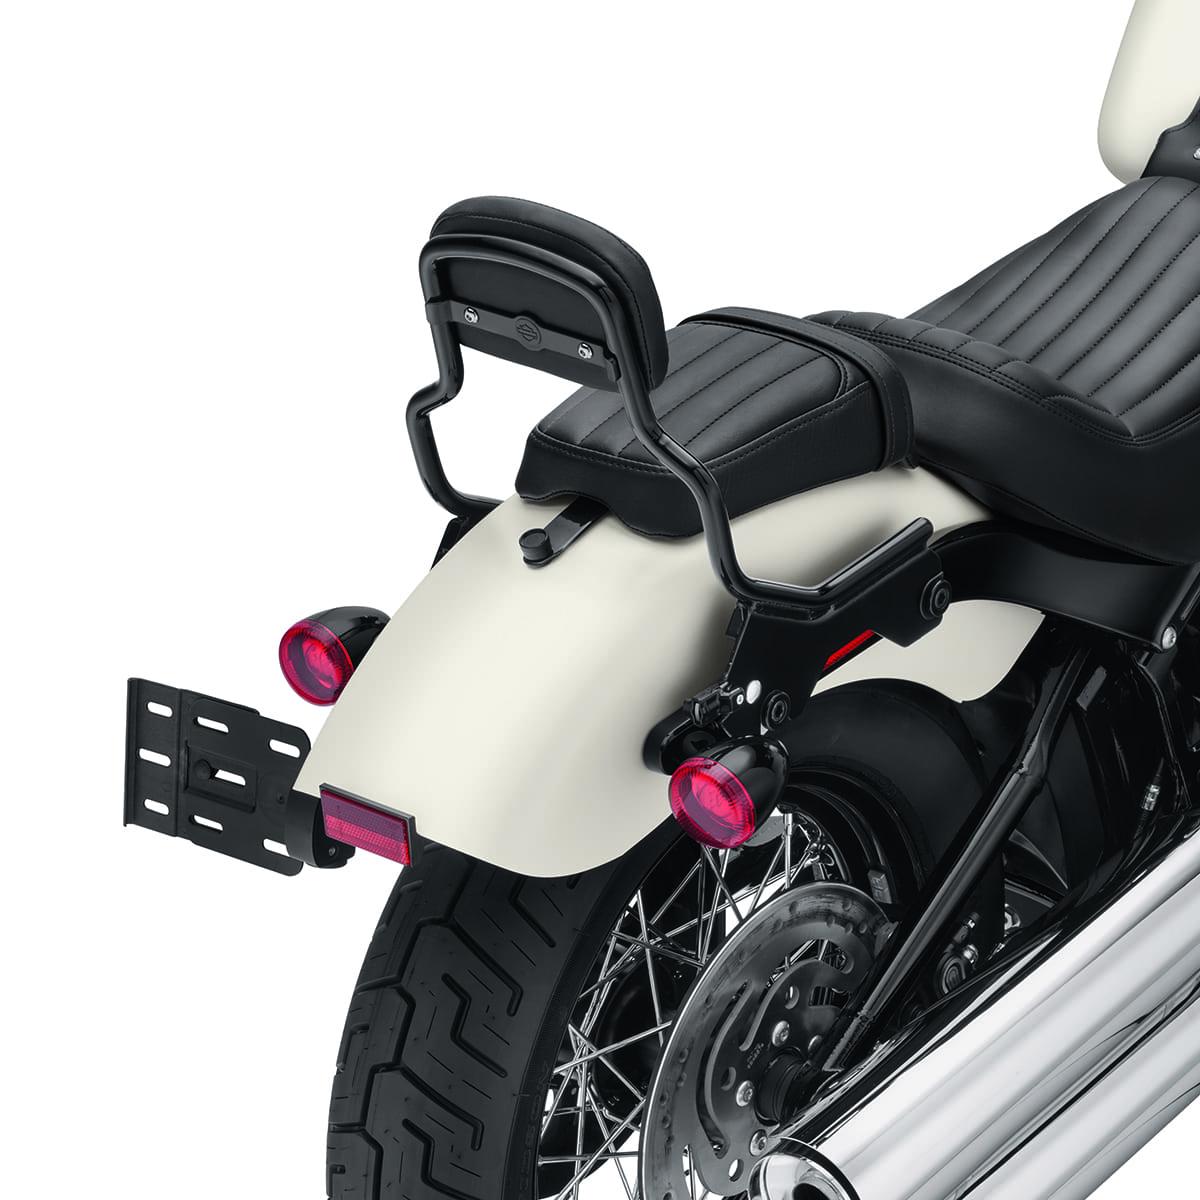 2018 Softail Slim | Harley-Davidson USA